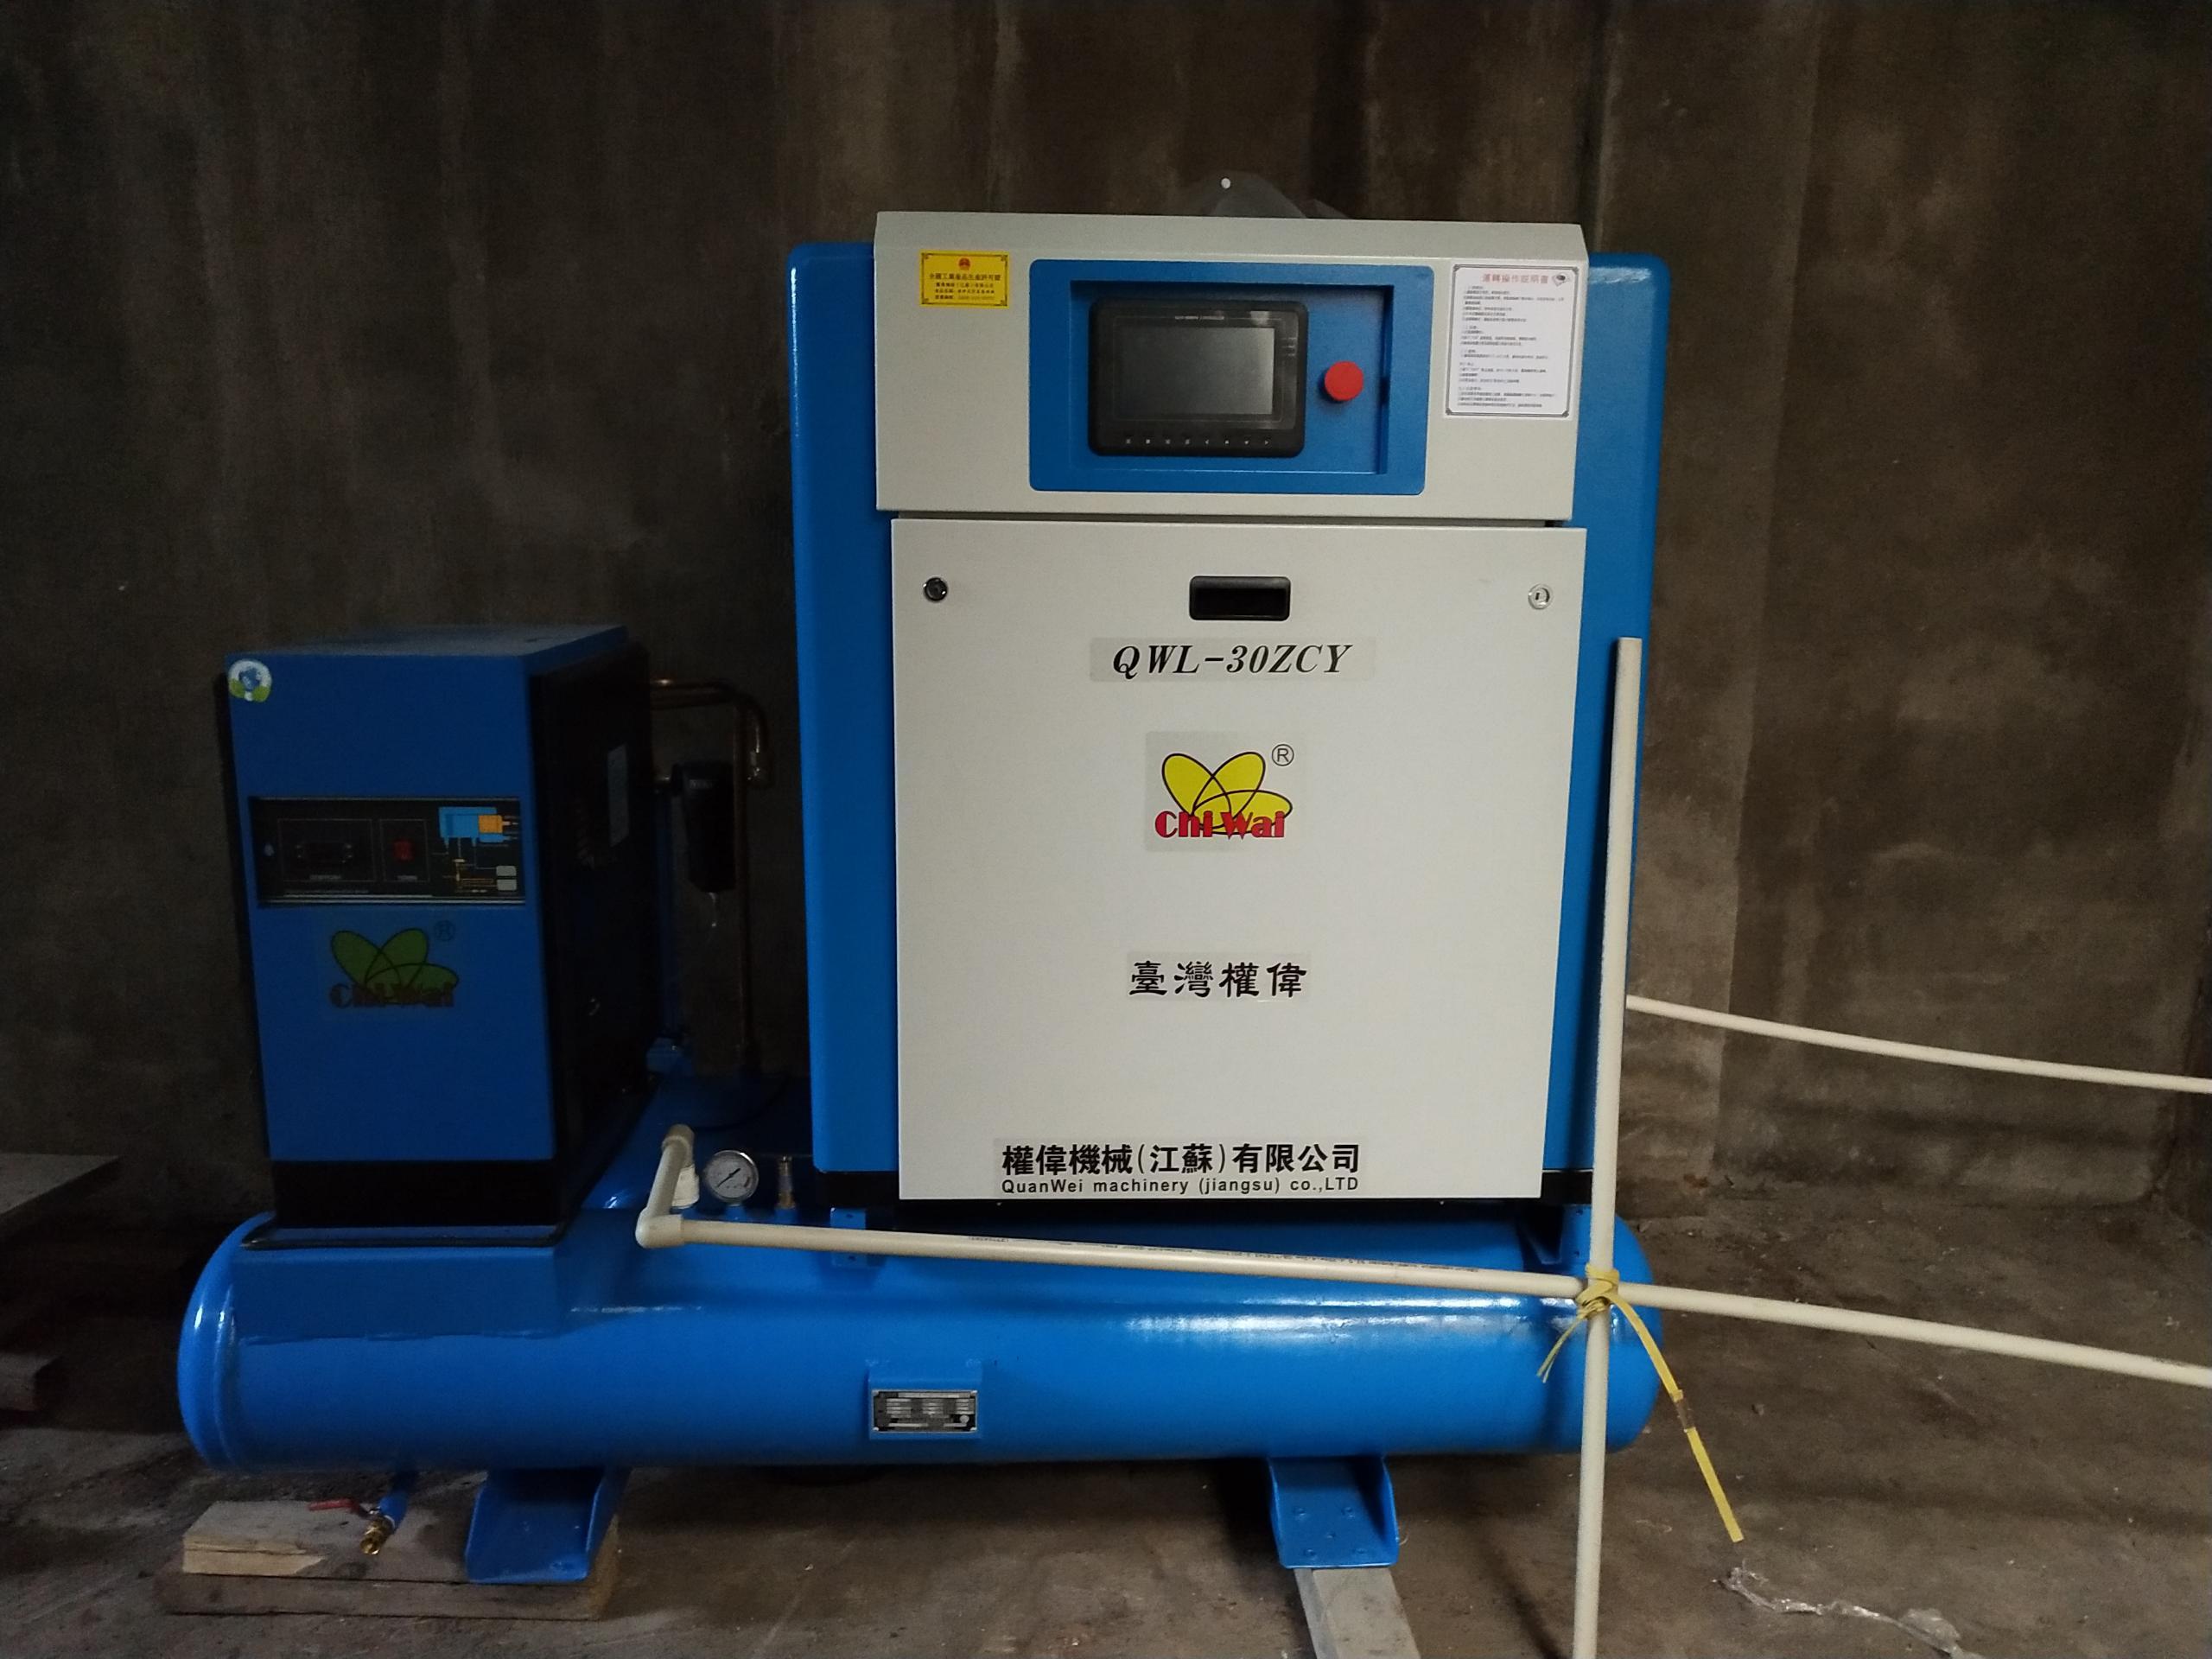 富达螺杆空压机:螺杆空压机油越来越少怎么回事?